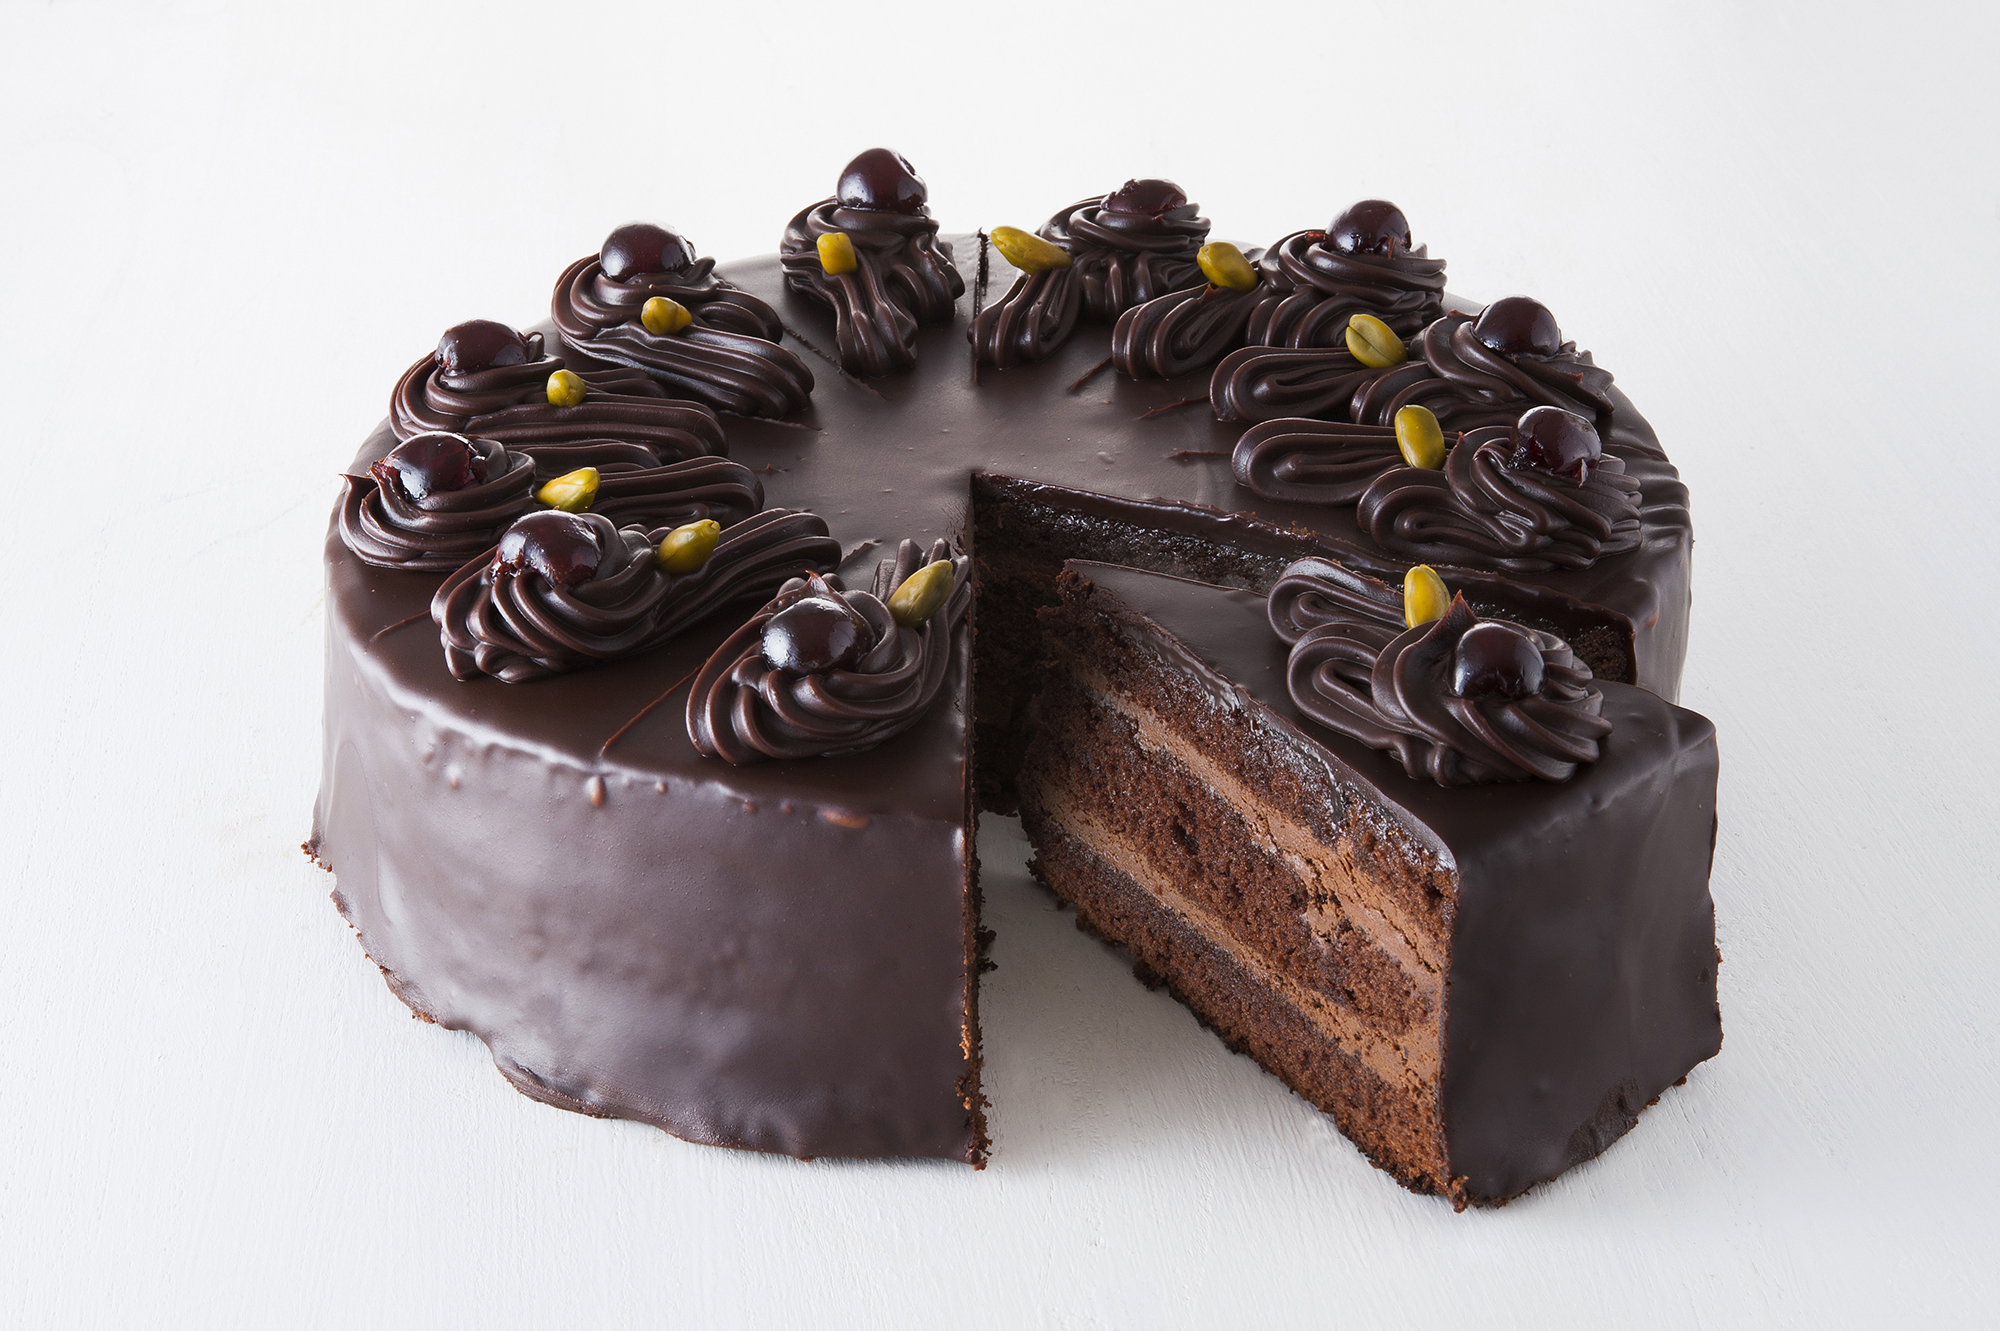 Schoko-Praline-Torte